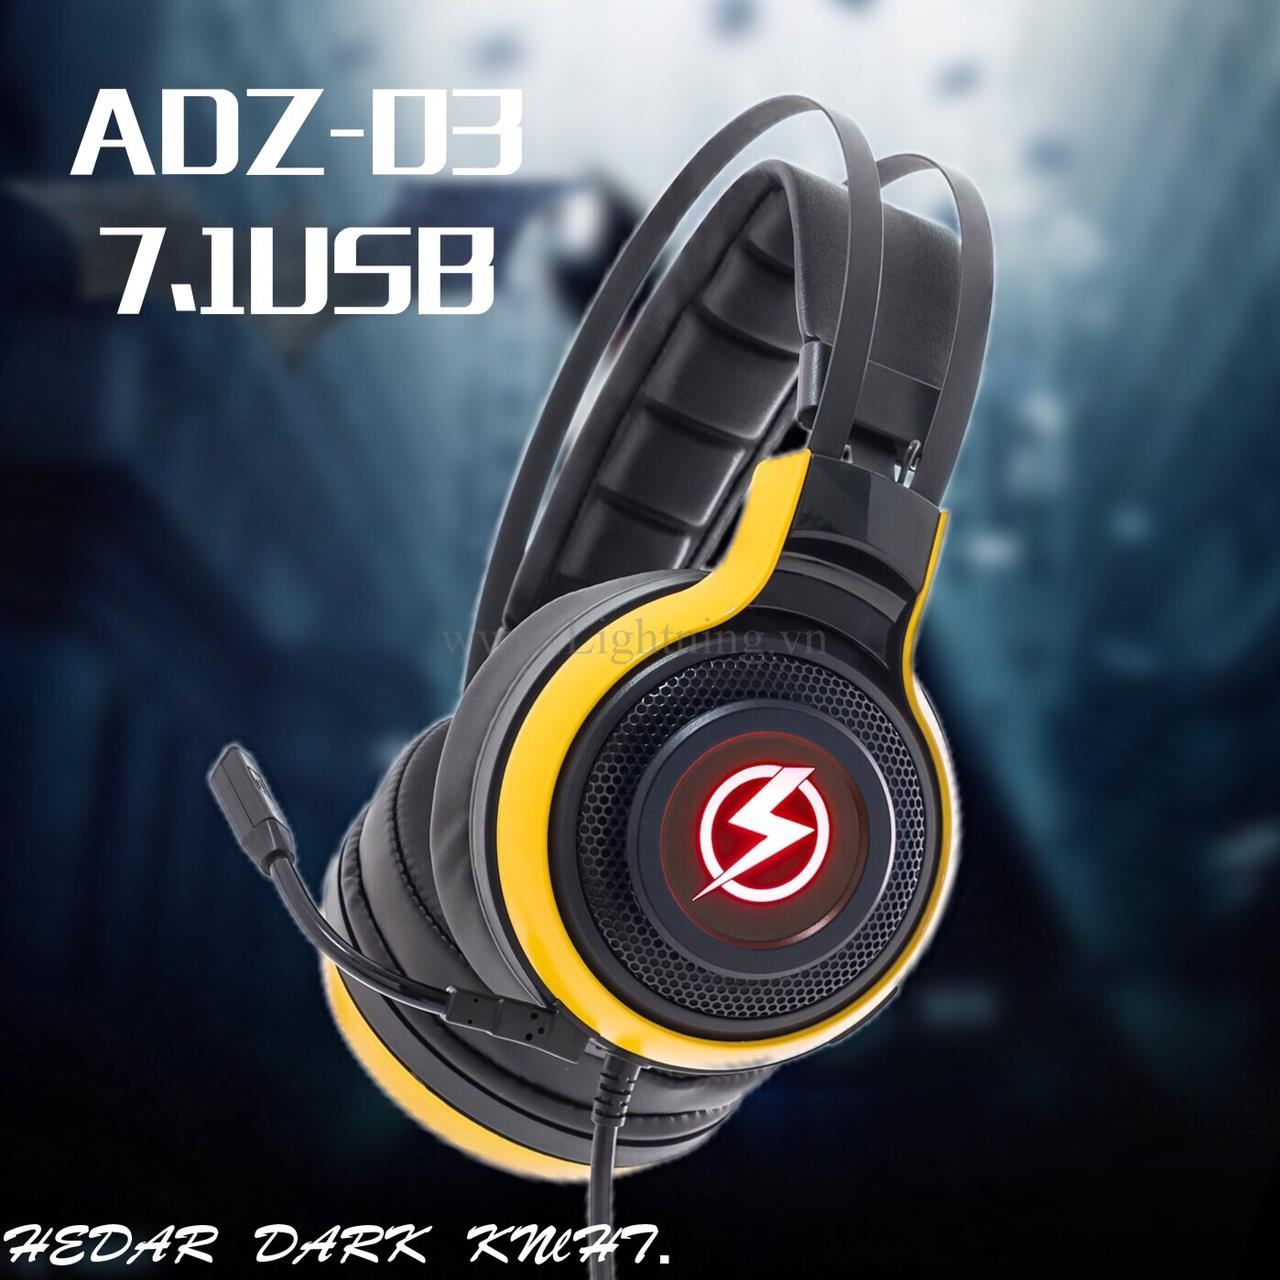 tai-nghe-gaming-lightning-adz03